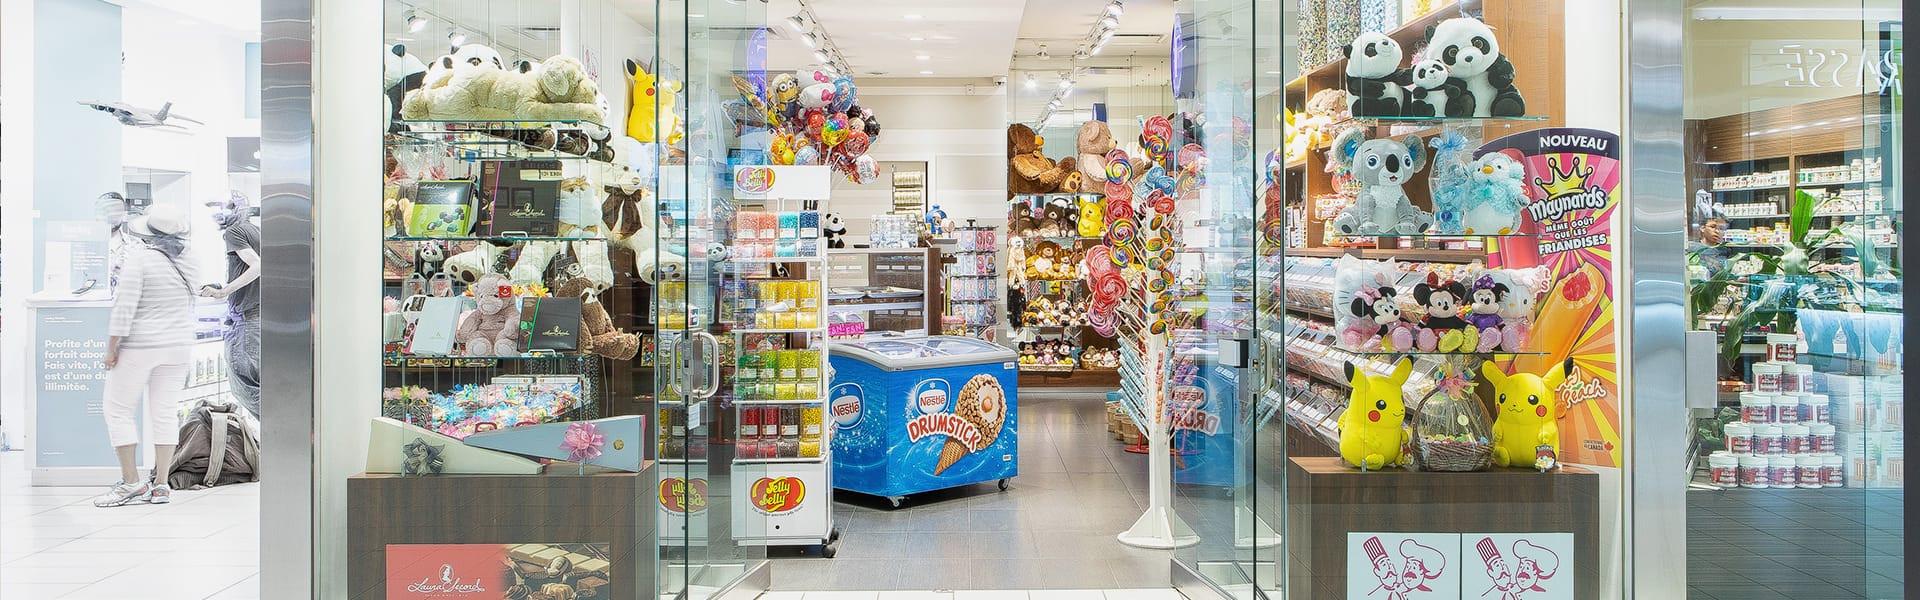 La Confiserie Sweet Factory - Alexis Nihon